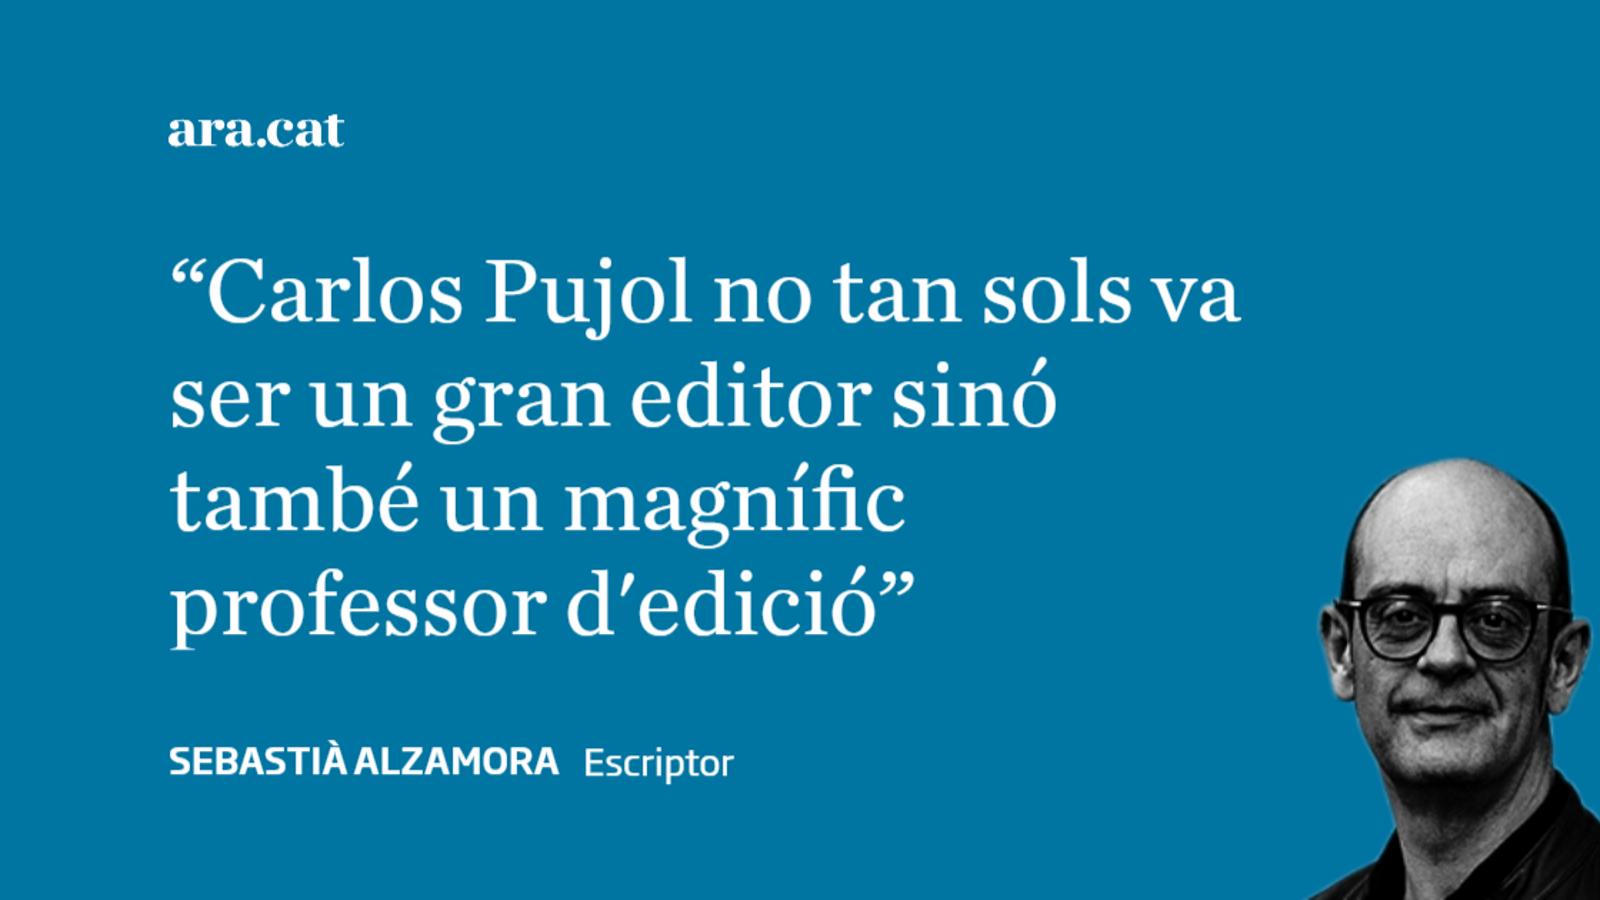 Carlos Pujol i els moments de protecció